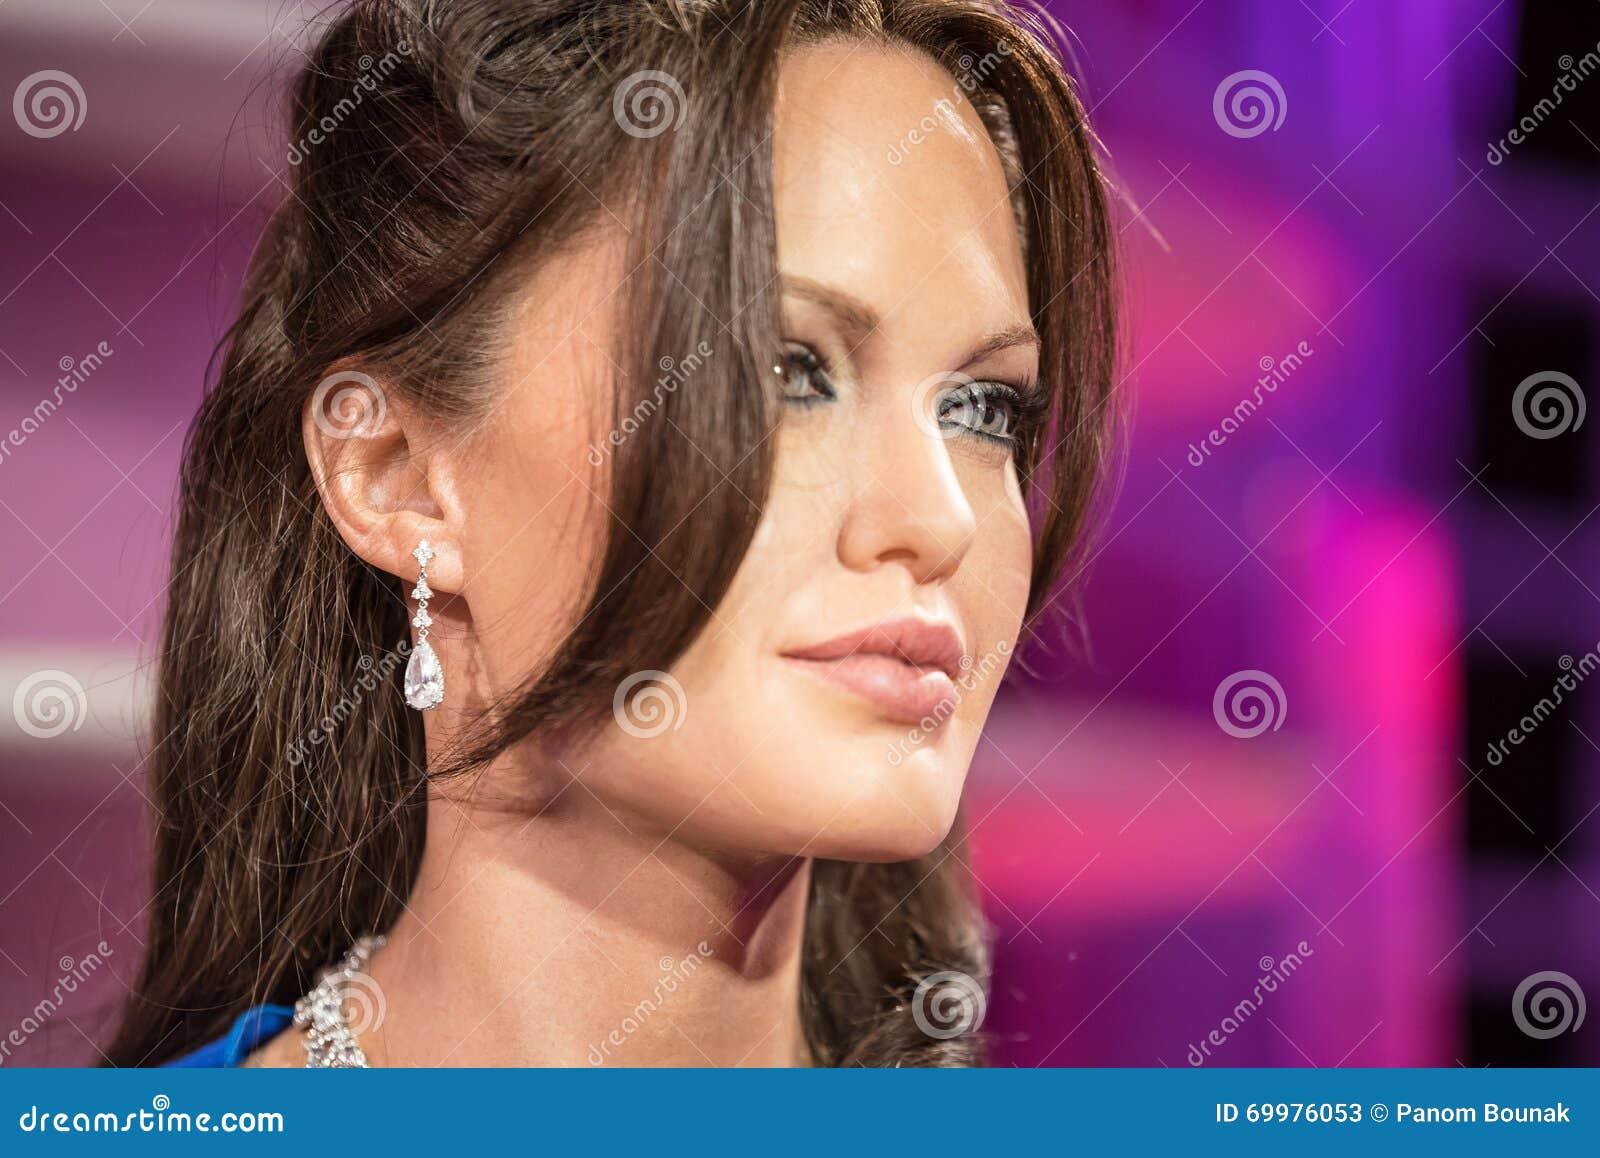 BANGKOK - 29 JANUARI: Waxwork van Angelina Jolie op vertoning bij Mevrouw